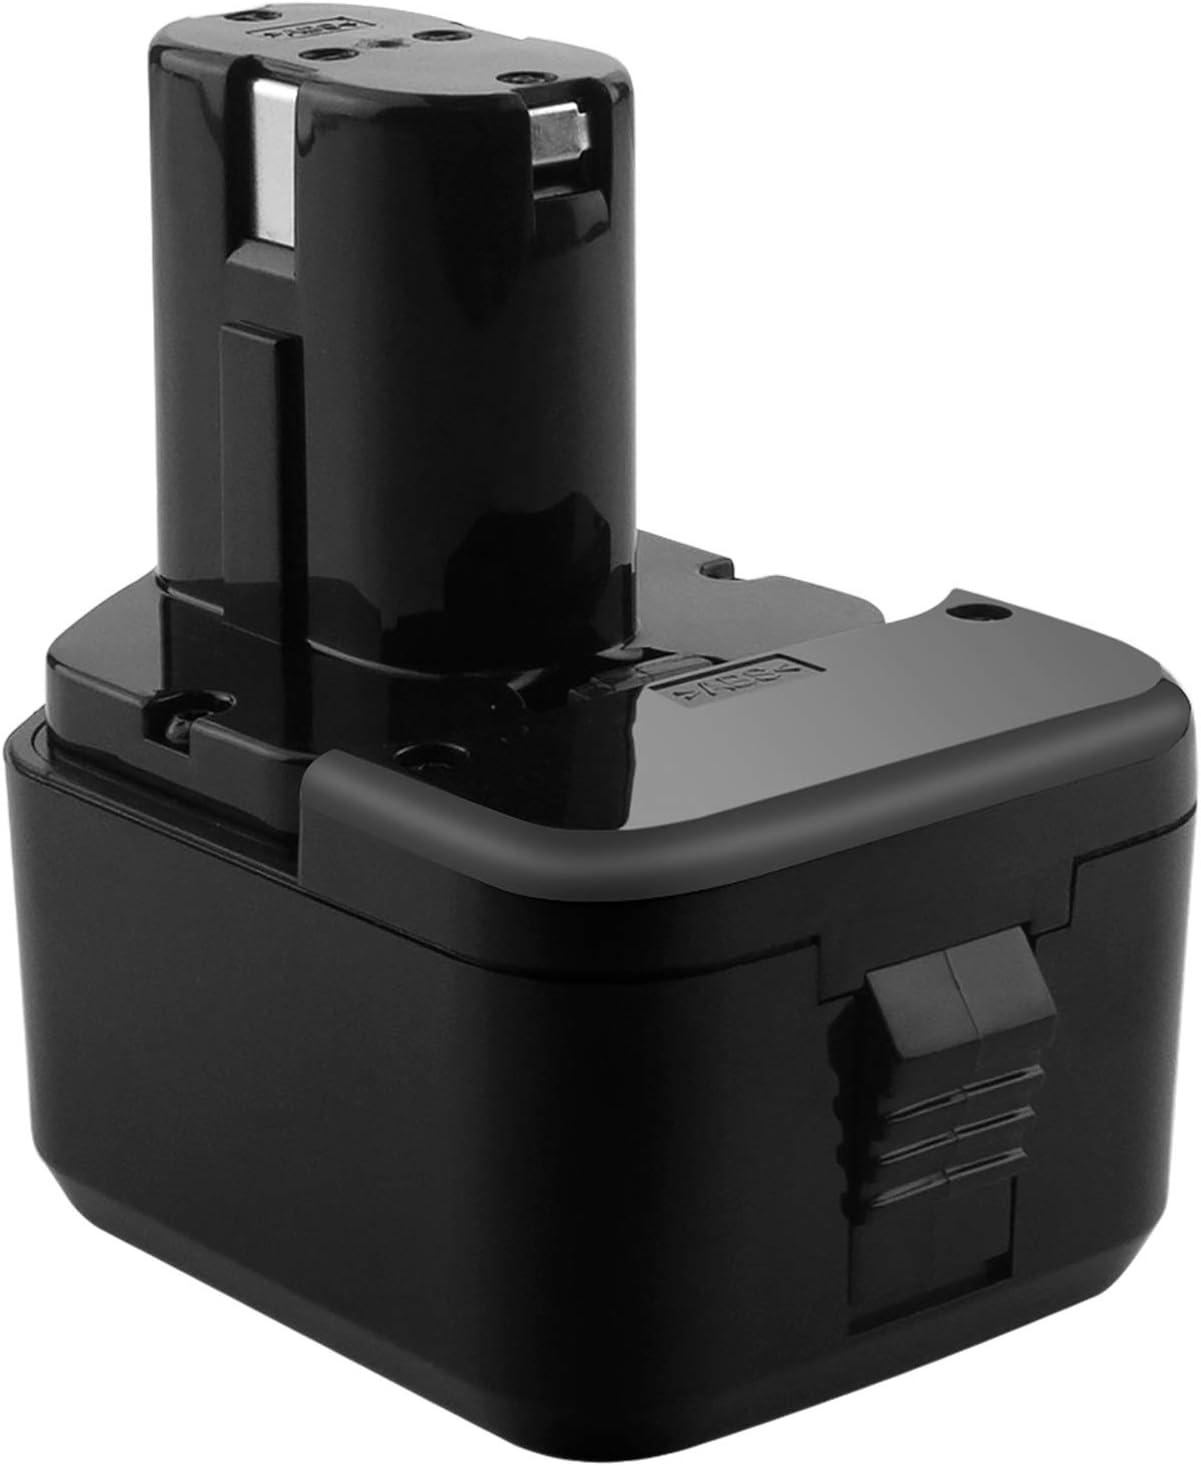 GOOALITY Batería recargable de 3.5Ah 12V Ni-MH compatible con Hitachi EB1214L EB1214S EB1220BL EB1220HL EB1220RS EB1222HL EB1226HL EB1230HL EB1230R EB1230X EB12333X para herramientas eléctricas